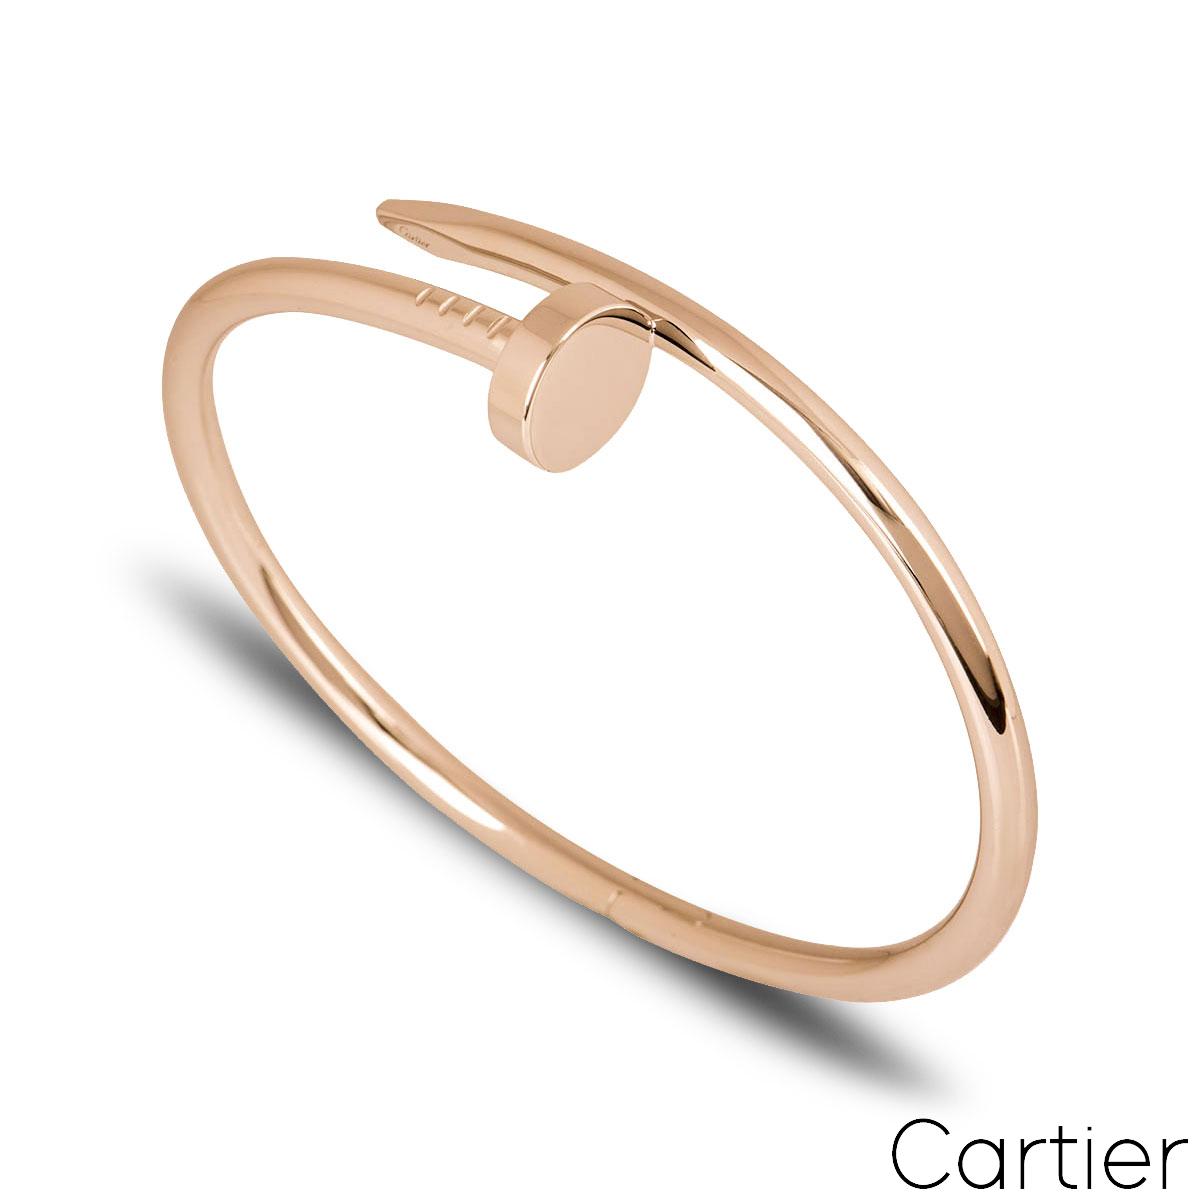 Cartier Rose Gold Plain Juste Un Clou Bracelet Size 19 B6048119